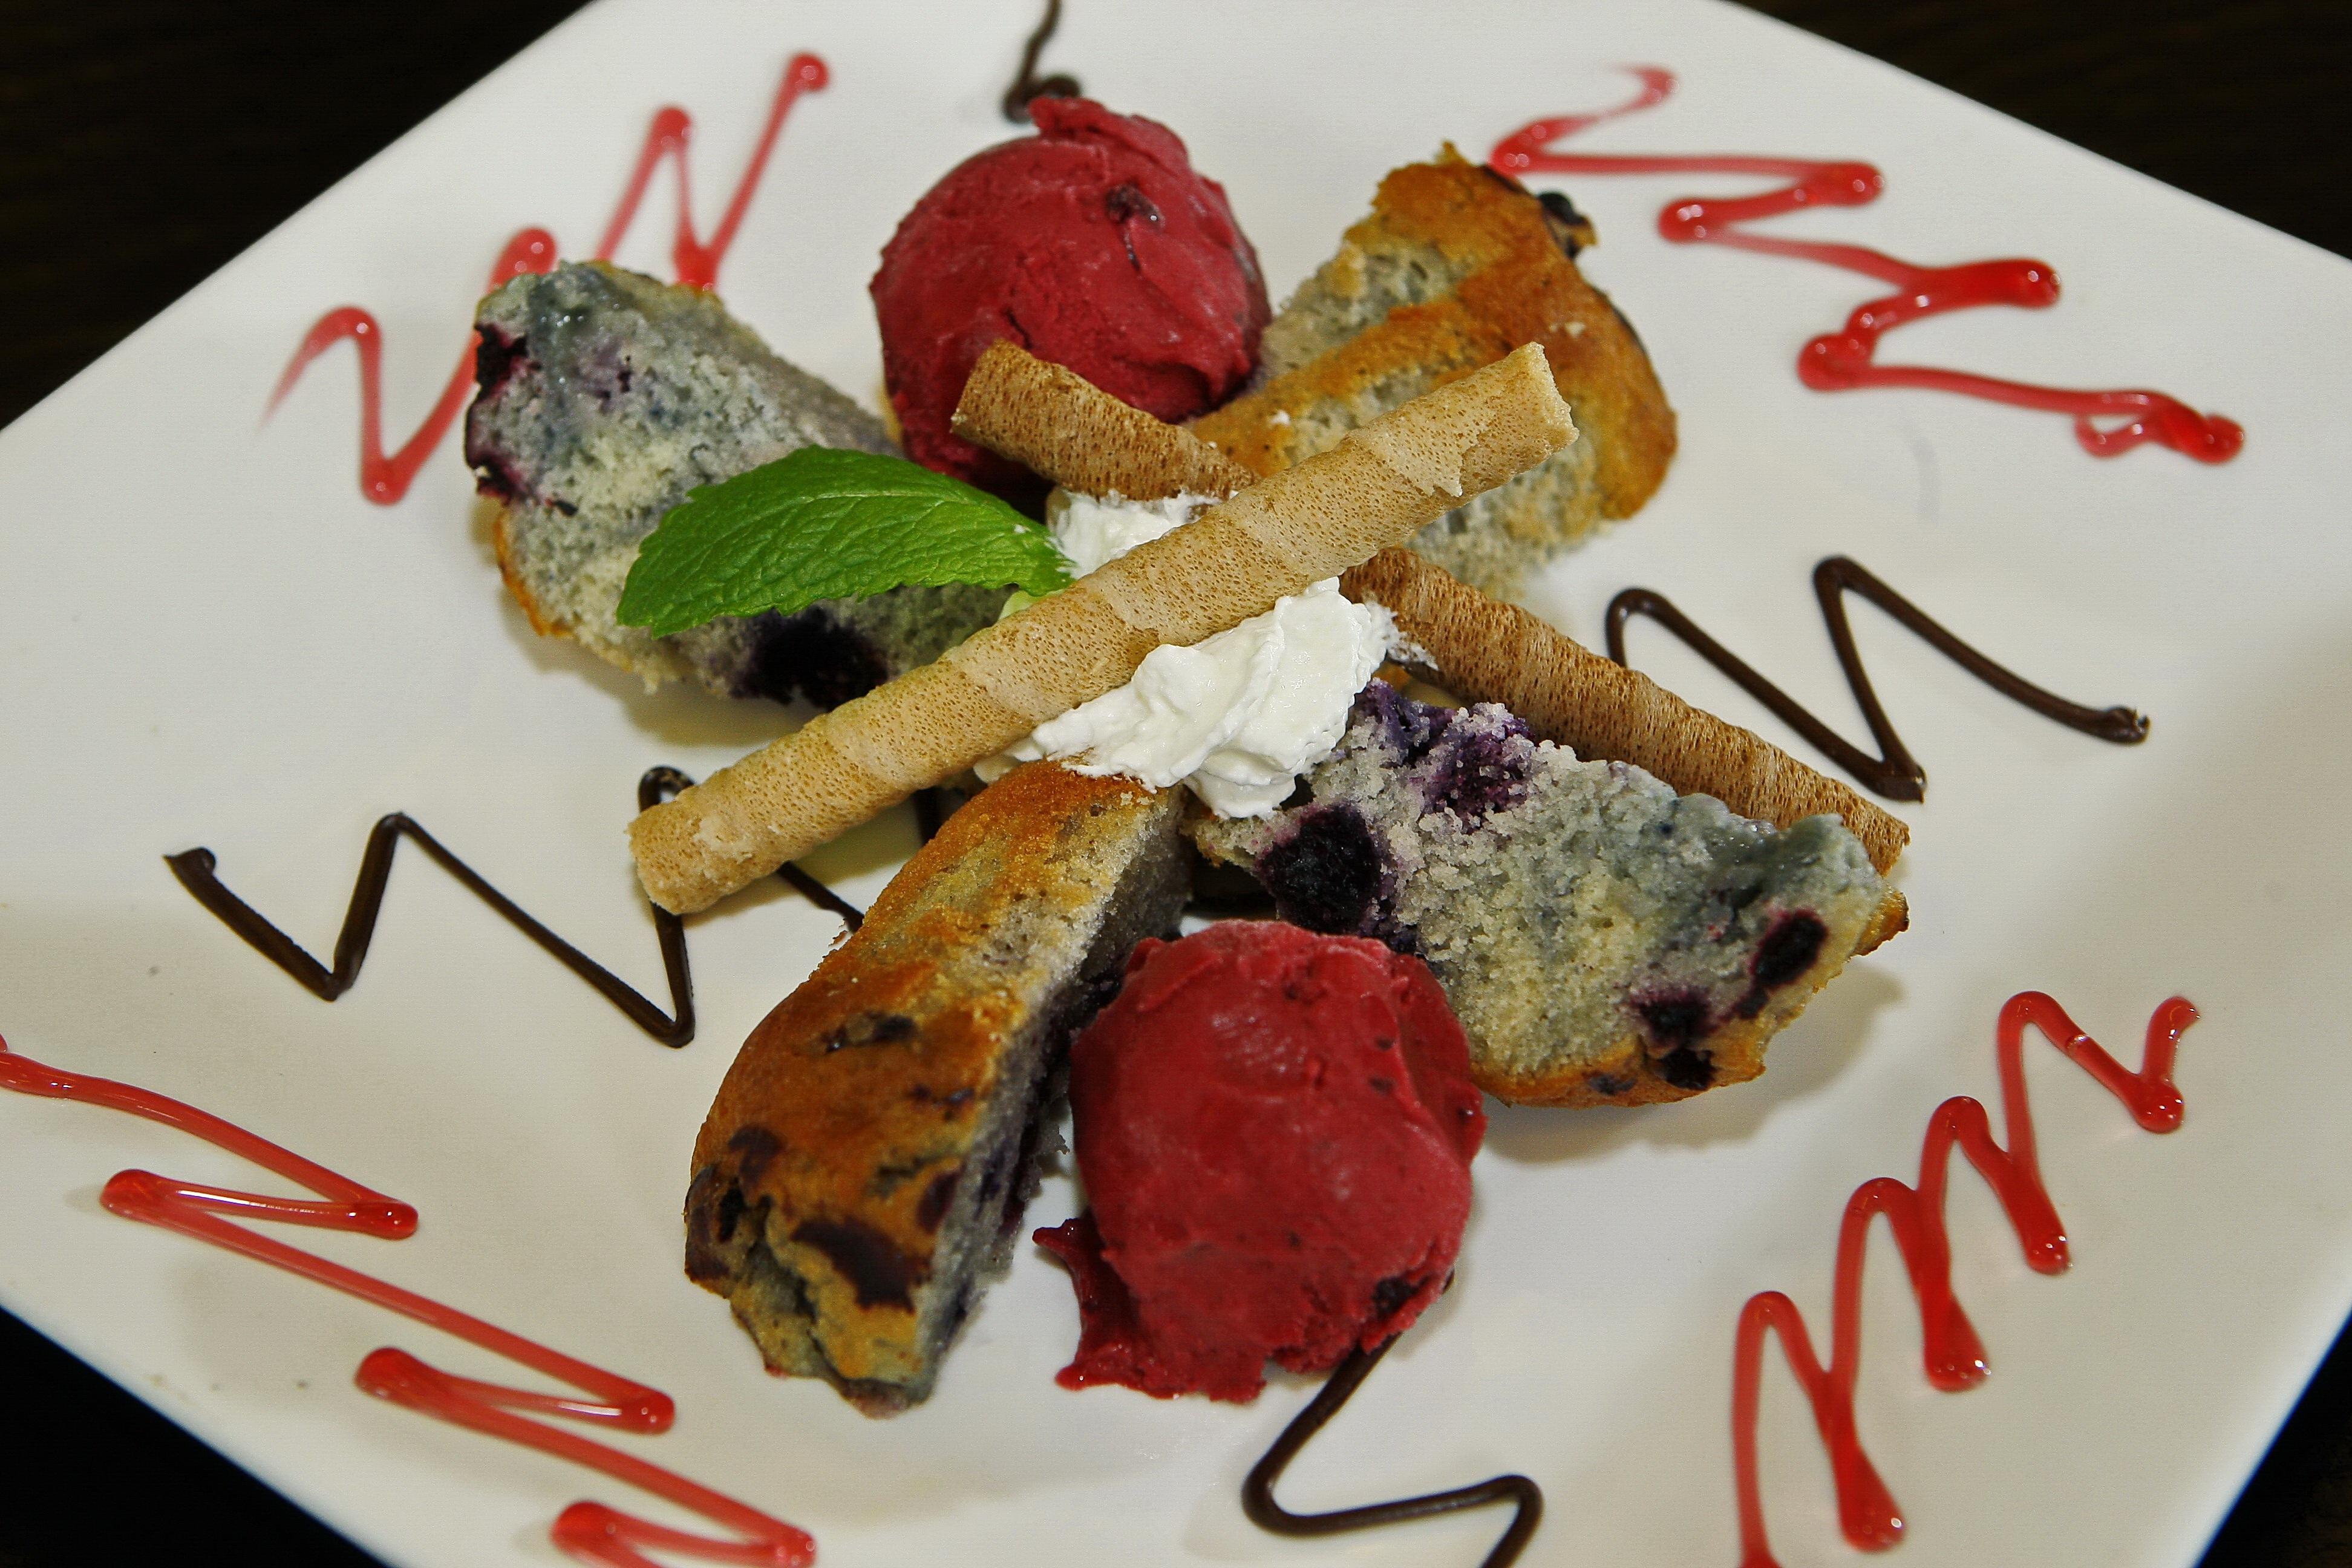 Fotos gratis : dulce, plato, comida, Produce, desayuno, horneando ...